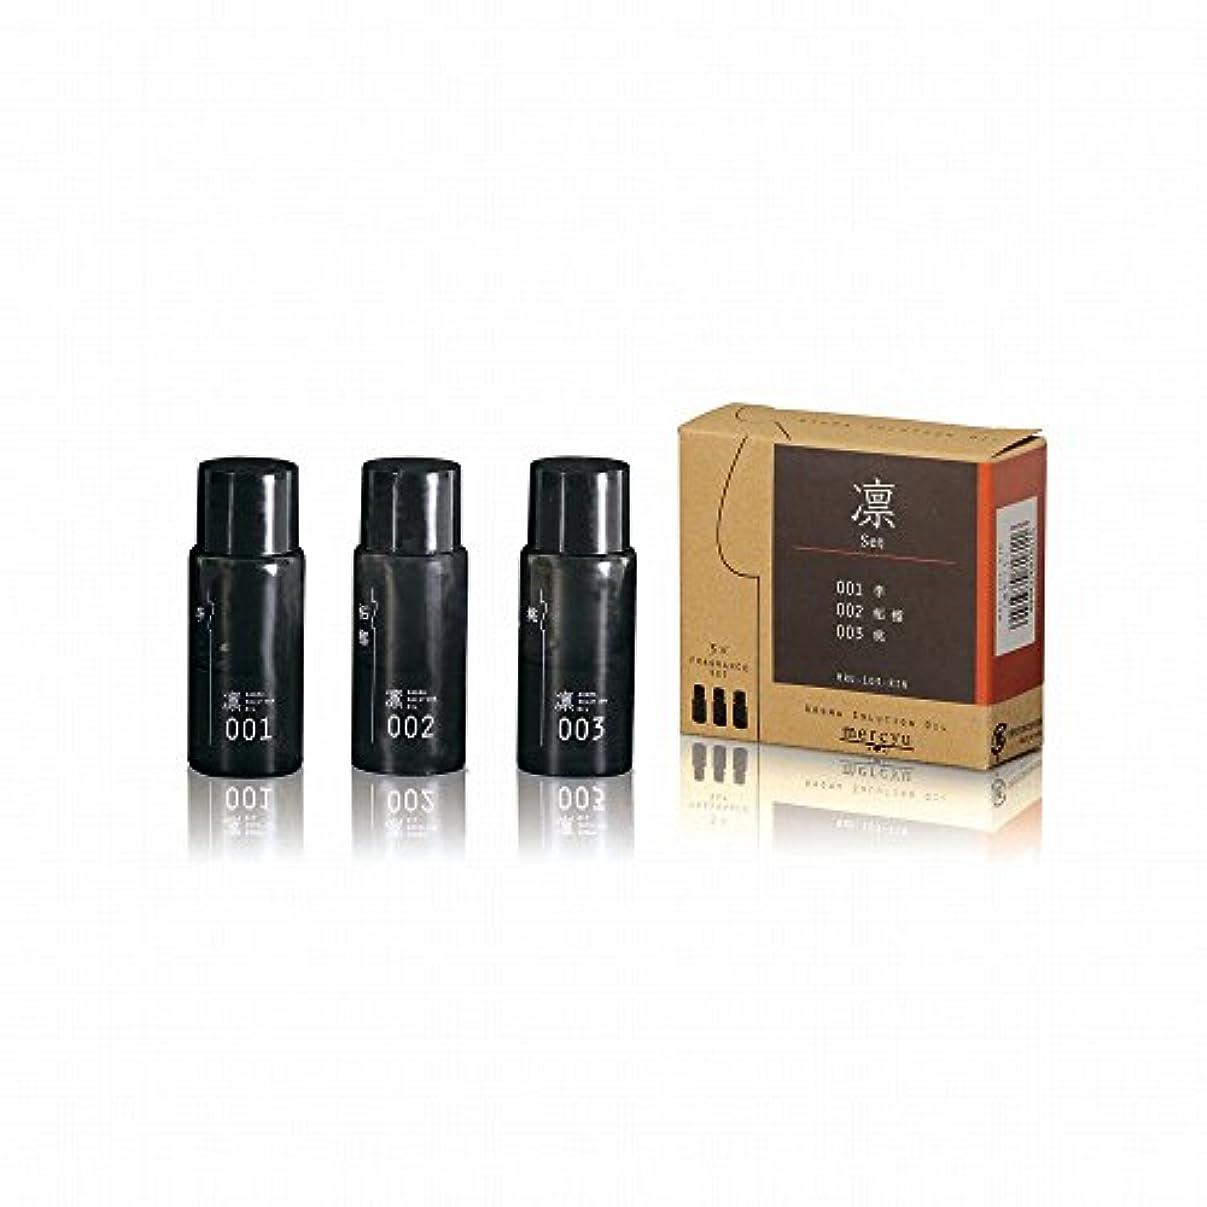 違反予測有能なmercyu(メルシーユー) アロマソリューションオイル 和の香り MRU-103 (凛)